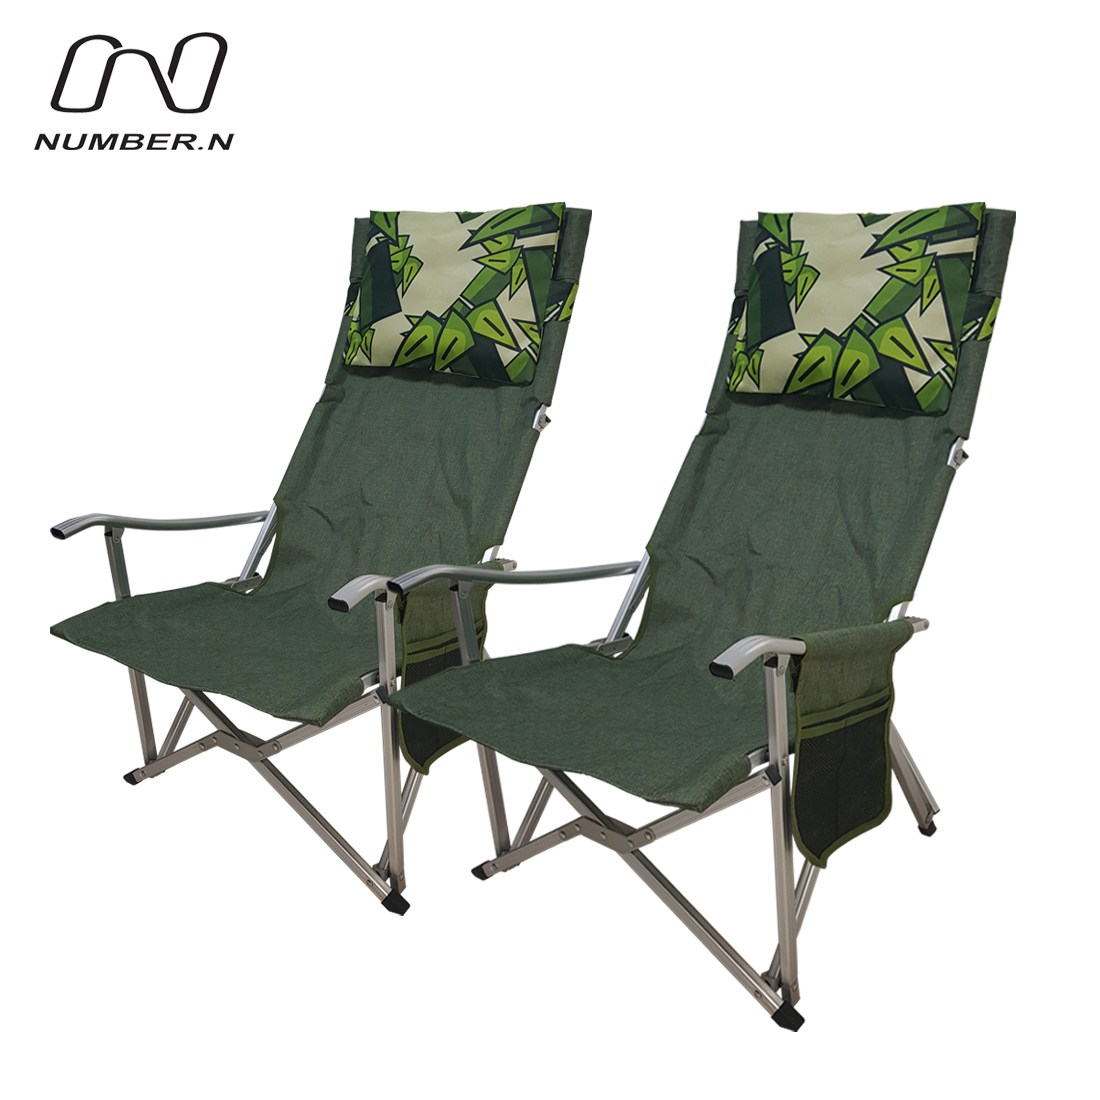 넘버엔 1+1 릴렉스 체어 프로 플러스 접이식 캠핑 의자, 그린+그린(N18)